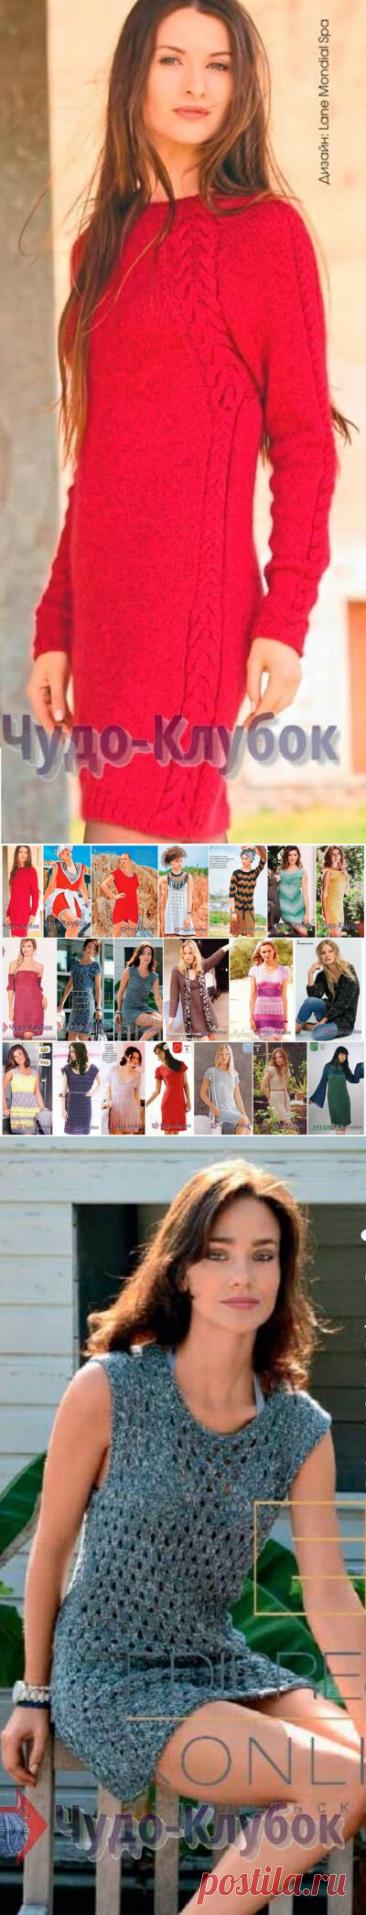 Платье вязаное спицами *❤️️ ЧУДО-КЛУБОК.рУ ➲ официальный сайт вязания ✶